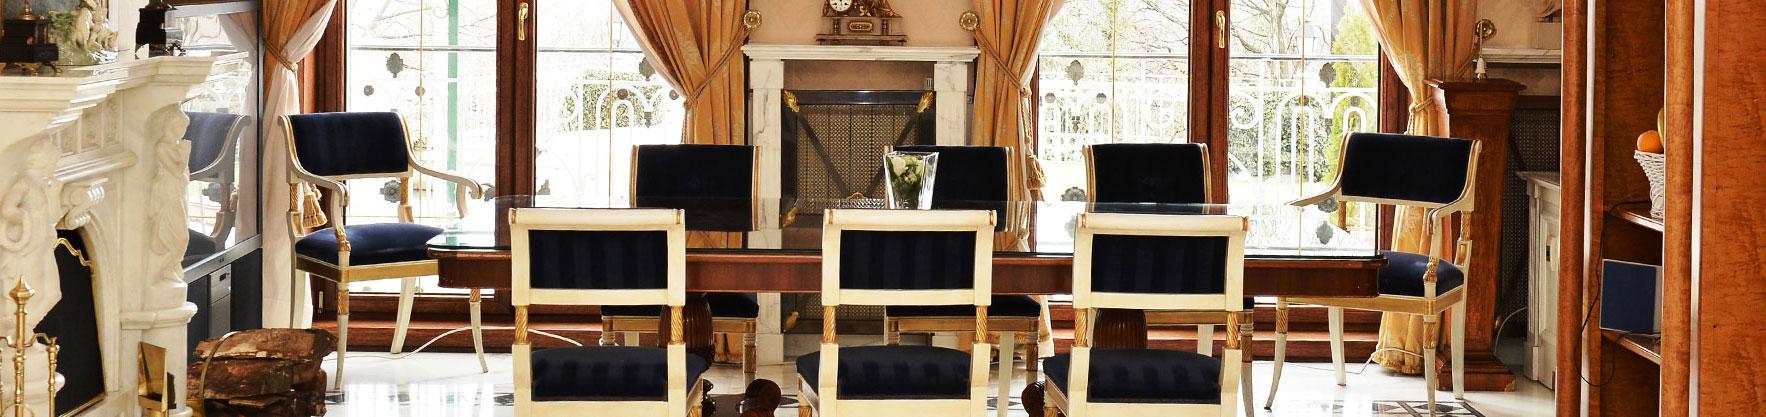 Restoran Vivaldi